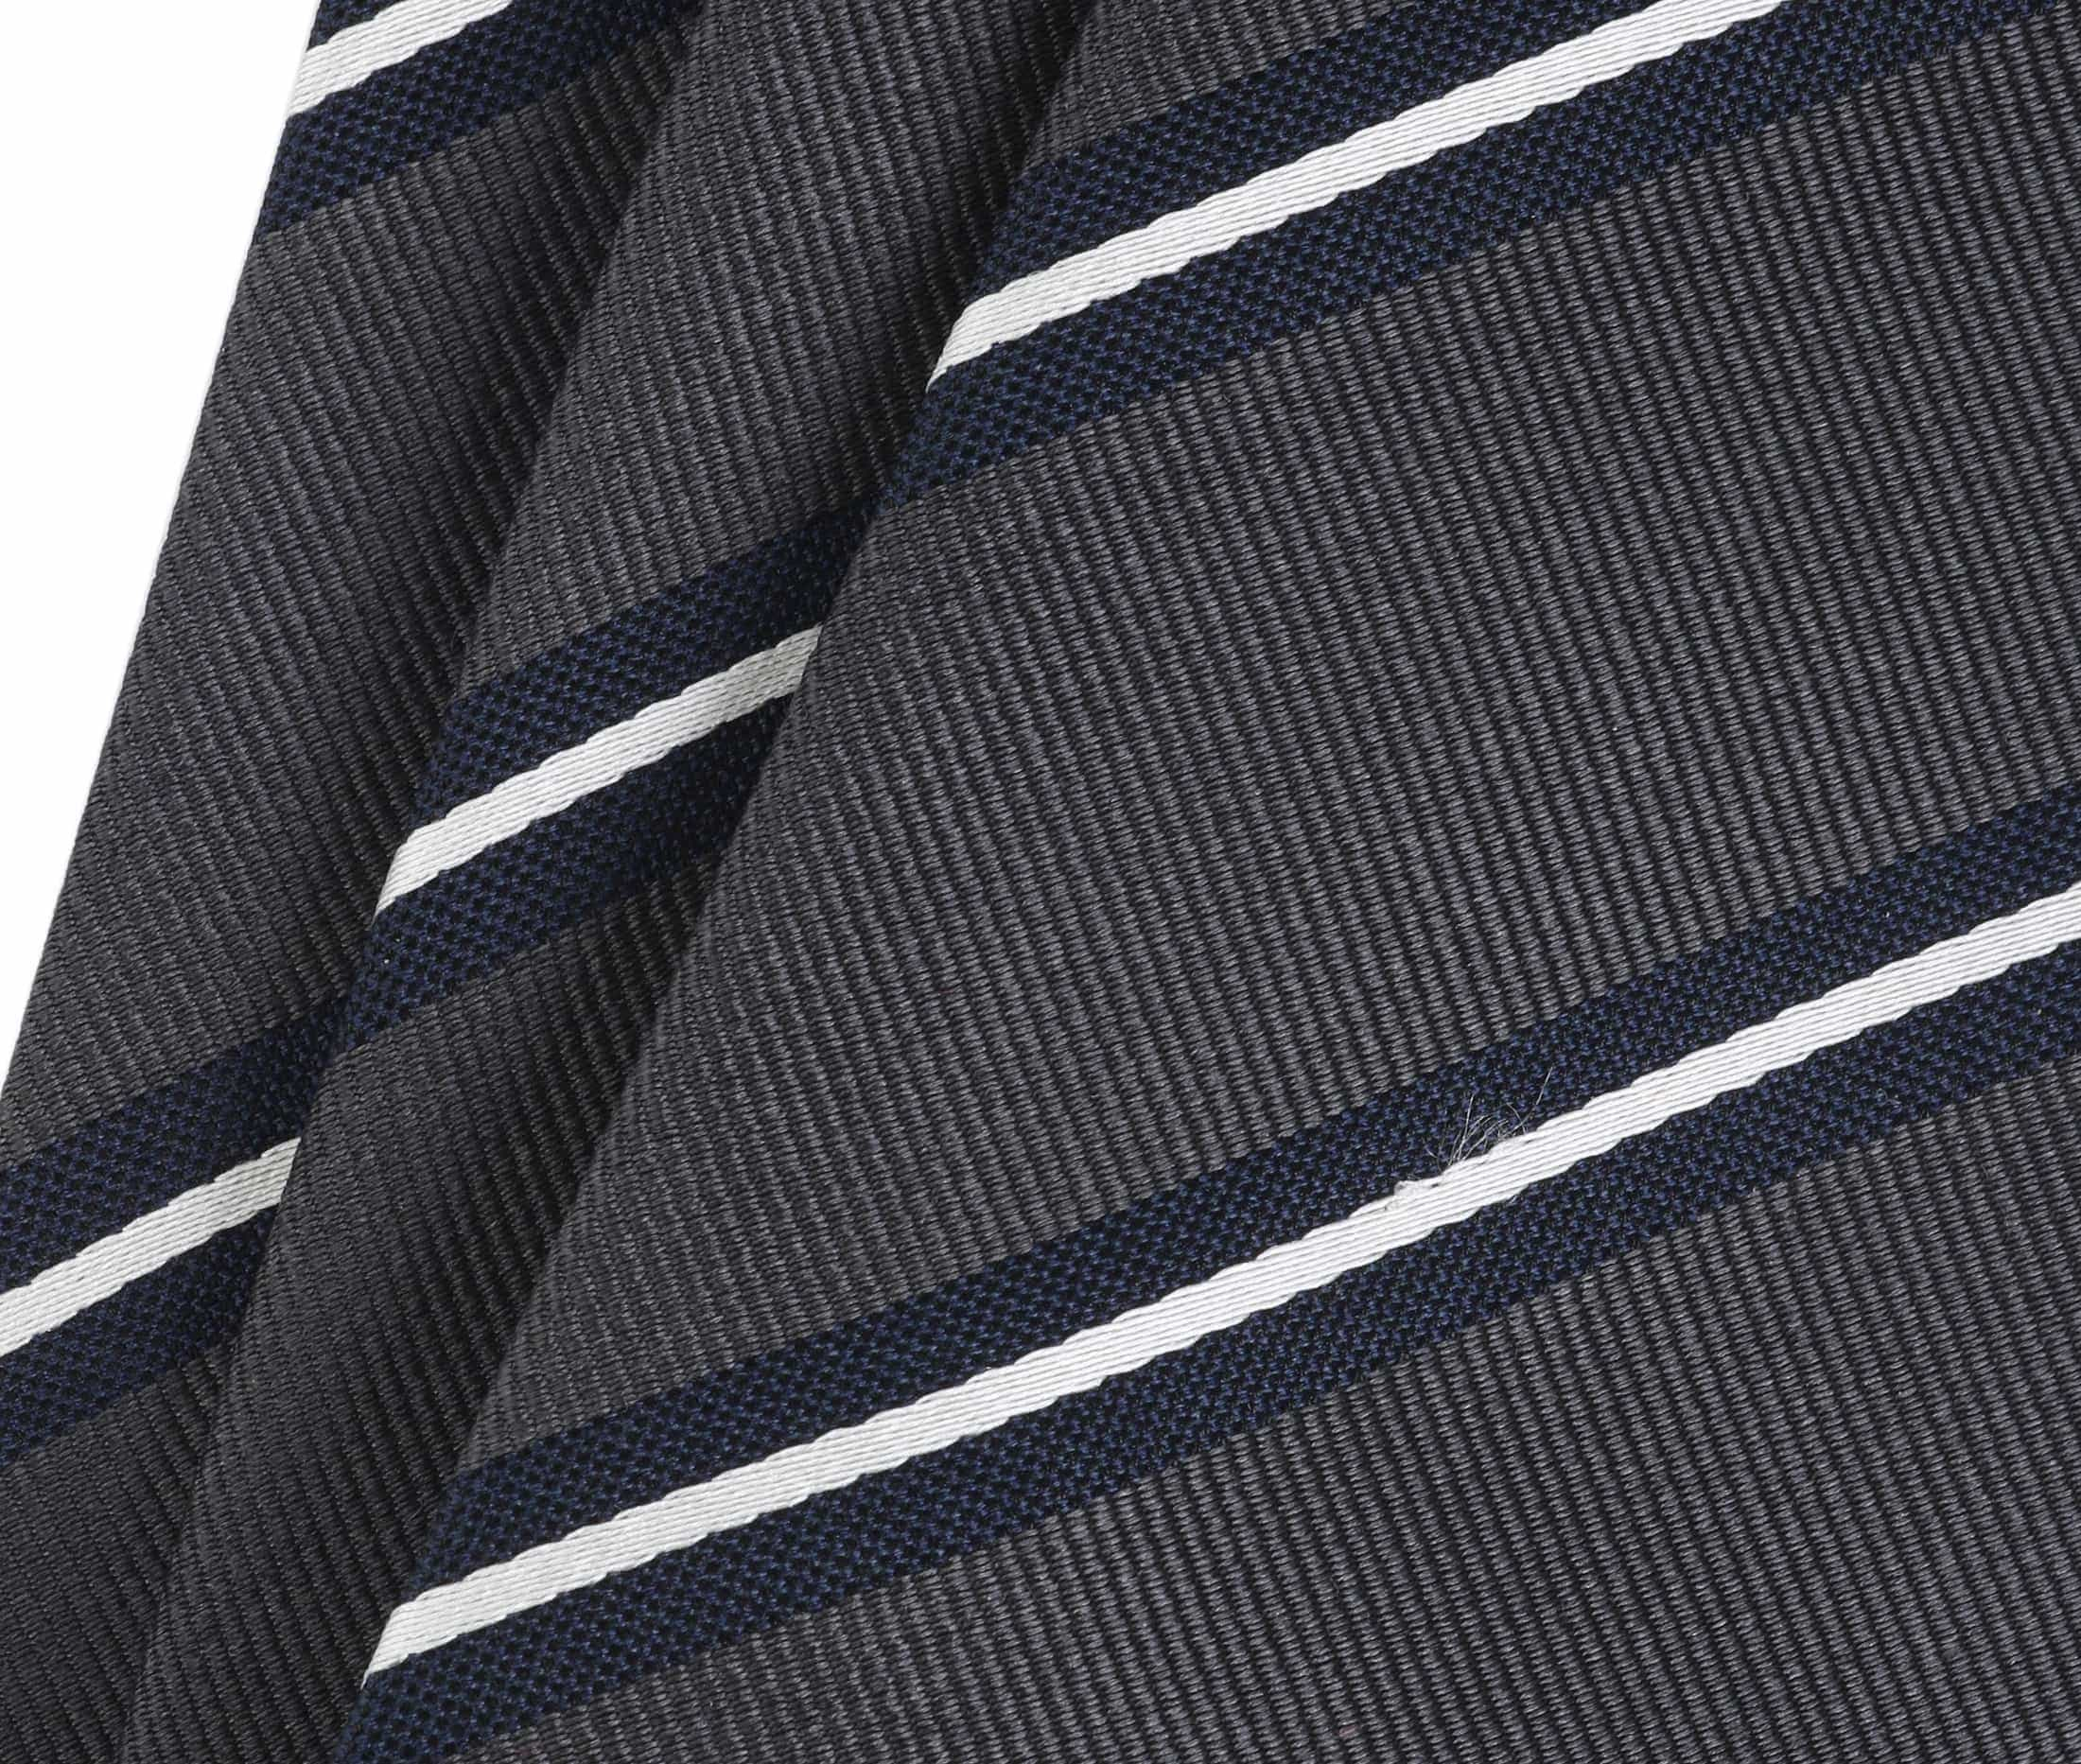 Krawatte Seide Dunkelgrau Streifen foto 1